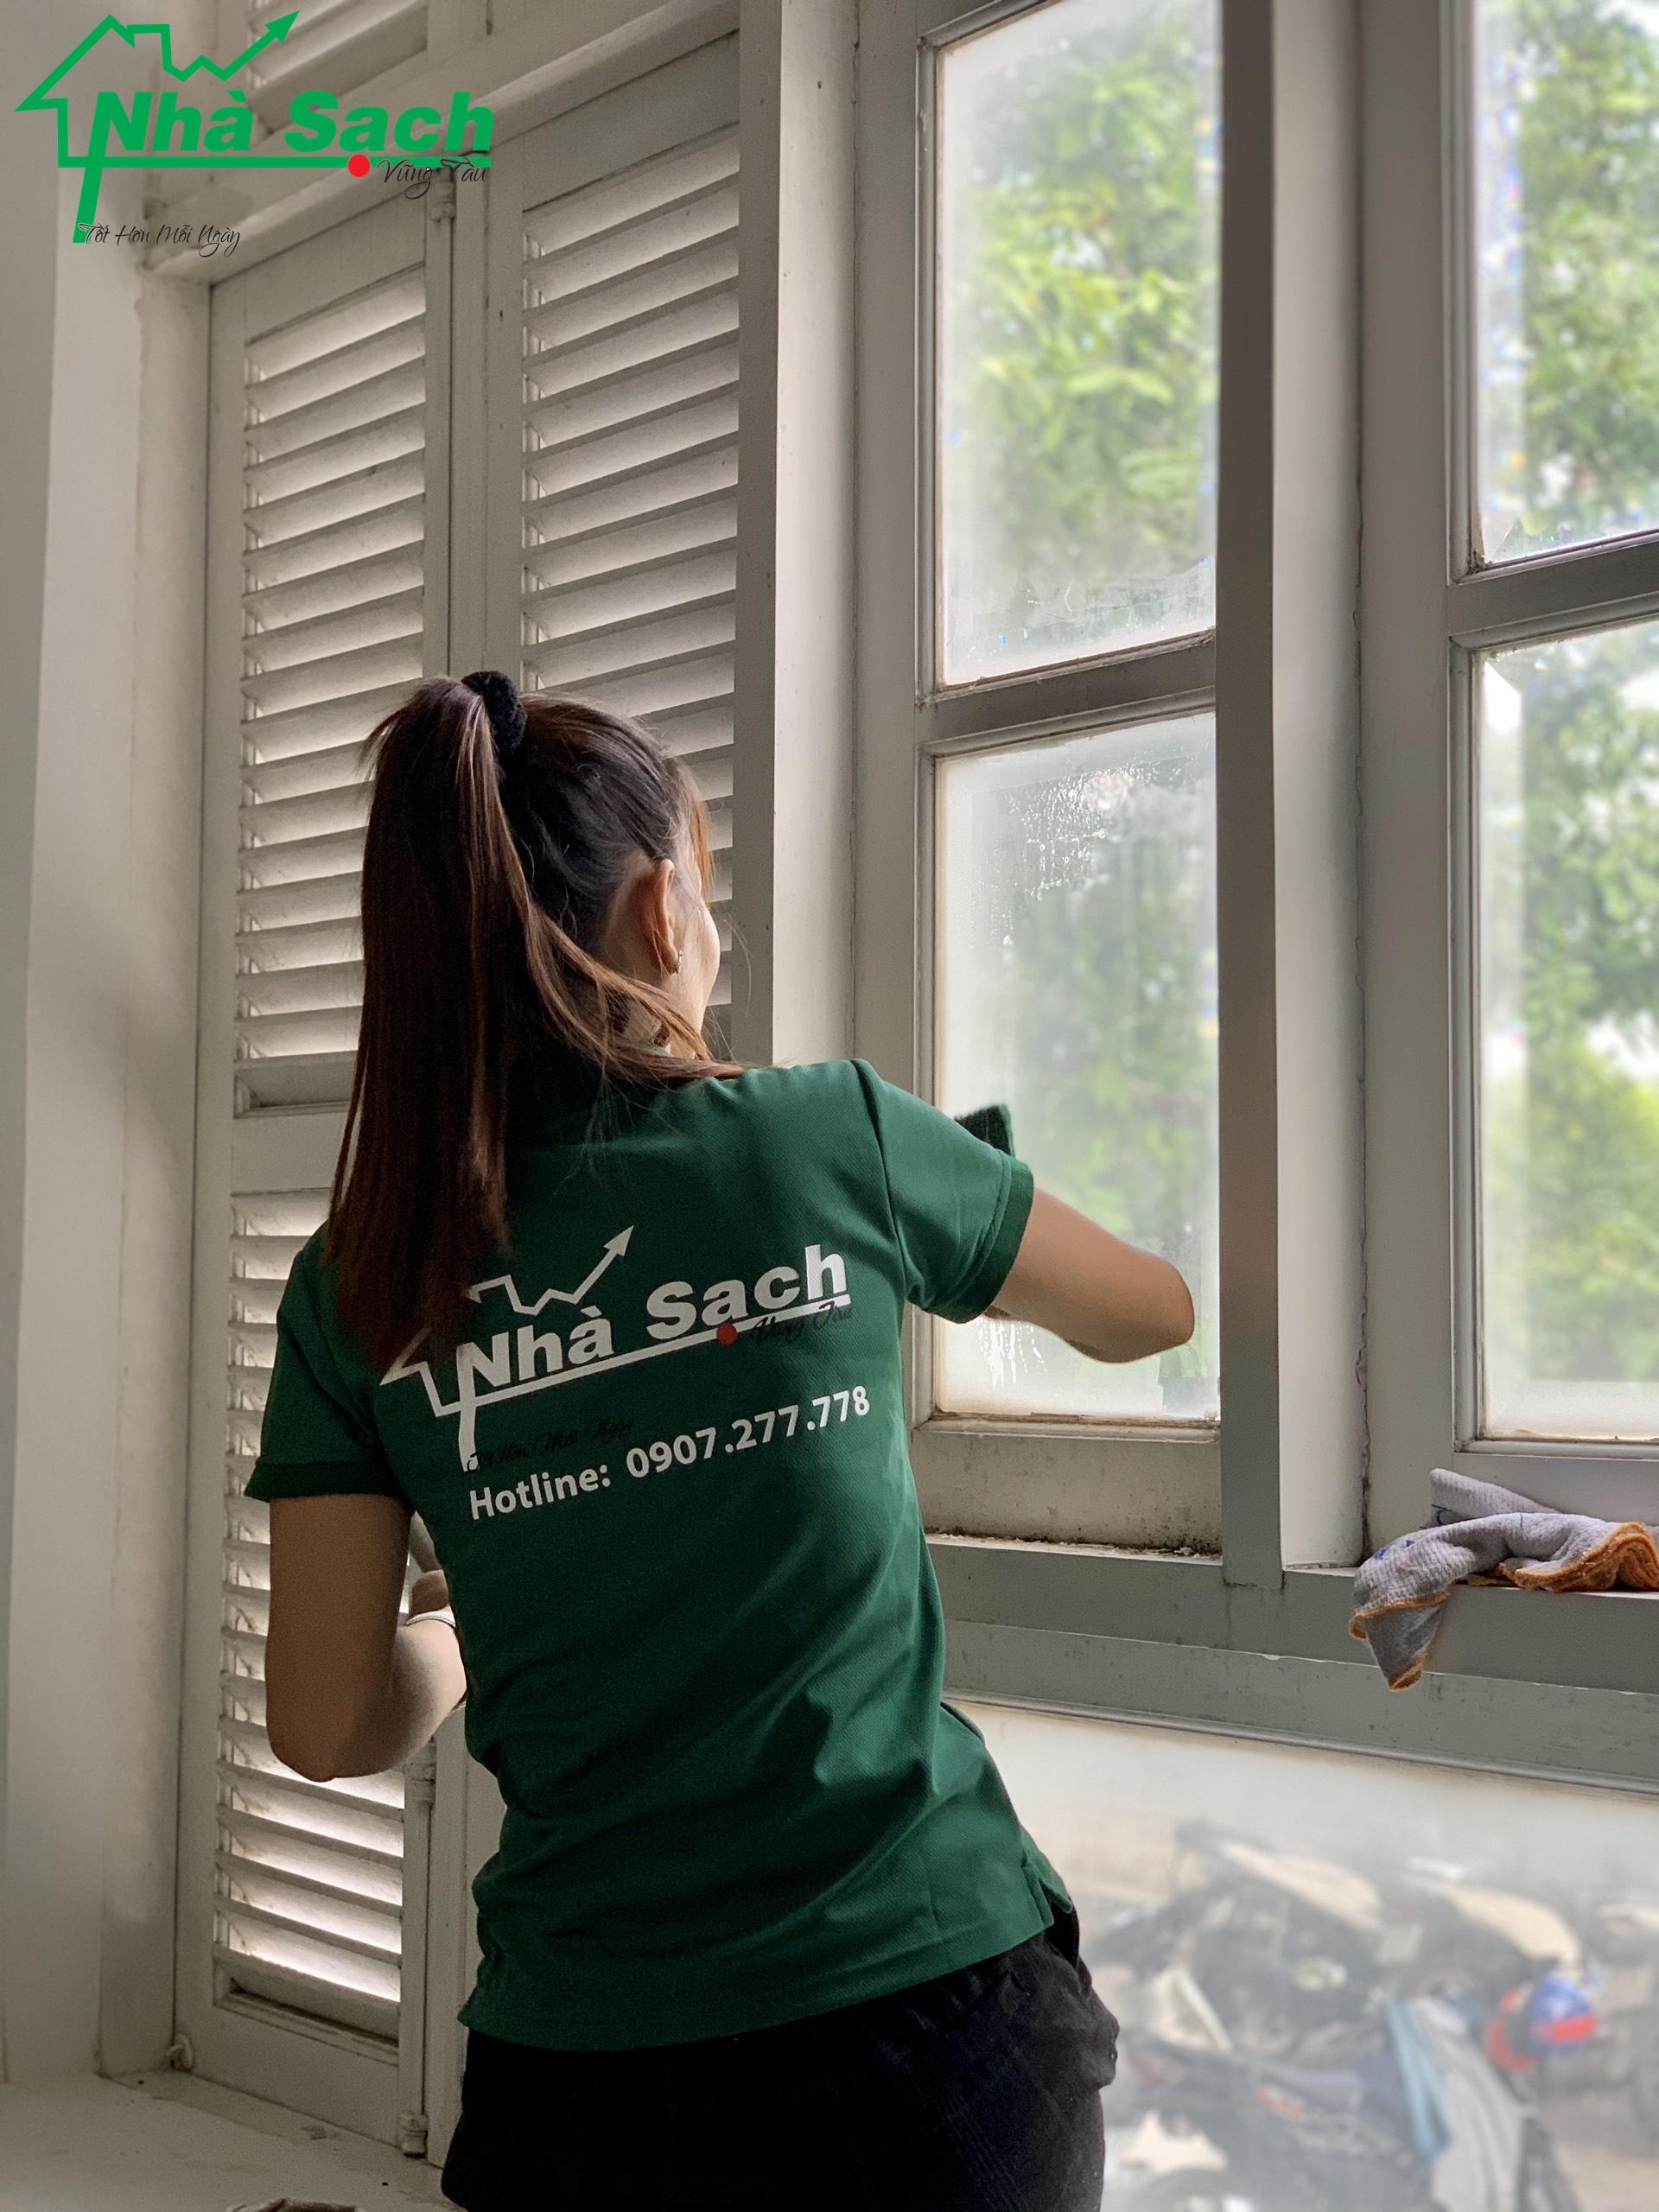 Thay vì tự làm công việc cực nhọc này, thuê các tổ chức cá nhân đảm nhận quá trình lau dọn. Làm sạch nhà ở lại đem đến nhiều lợi ích hơn.